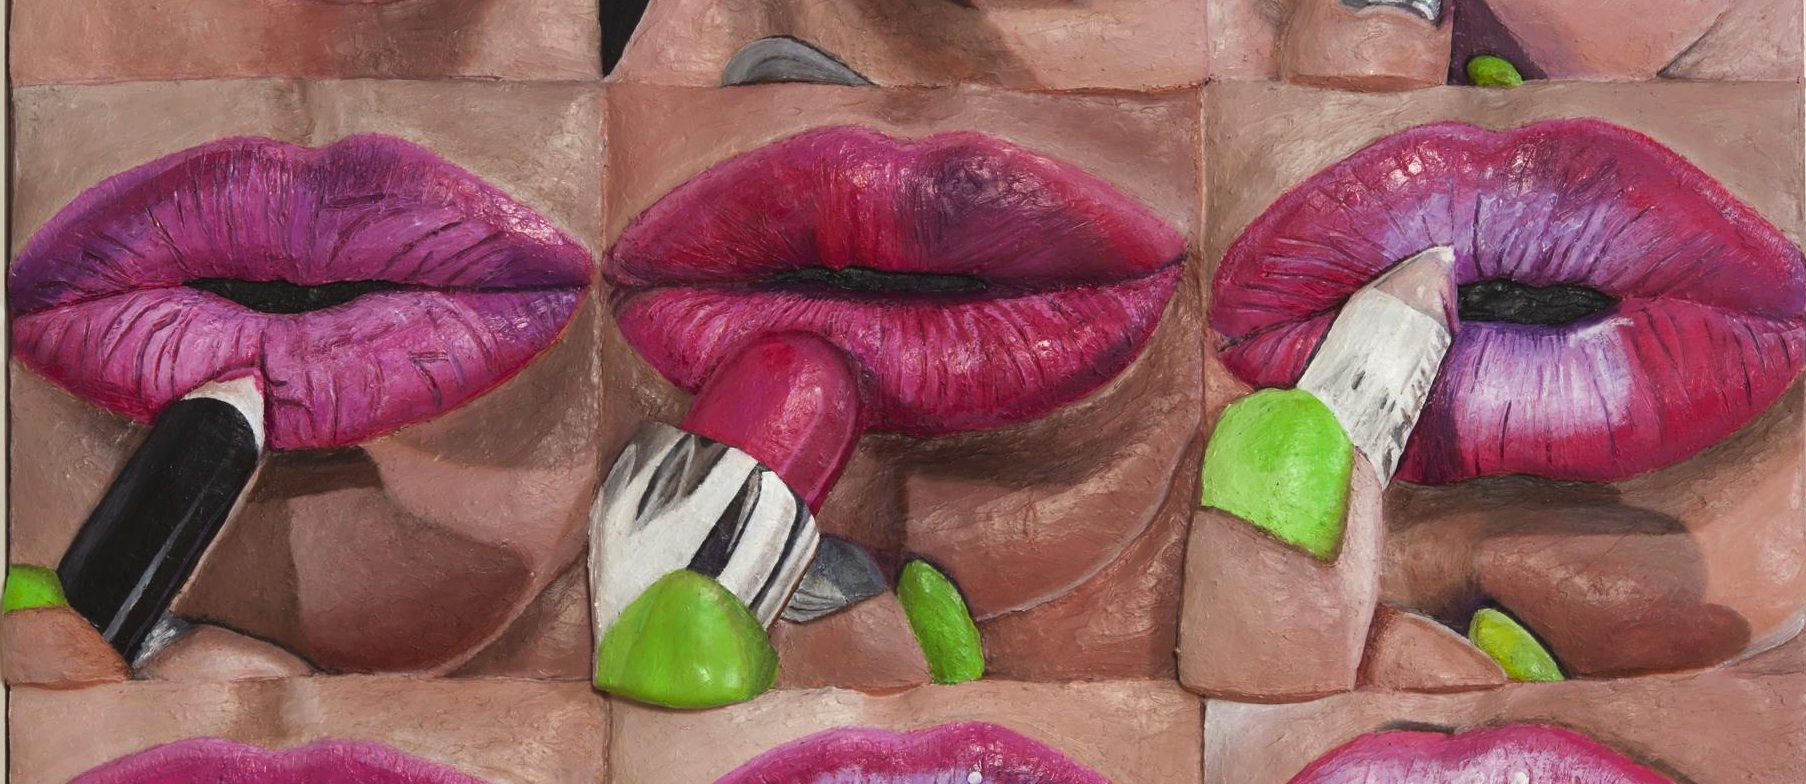 Dreidimensionale Lippenbekenntnisse